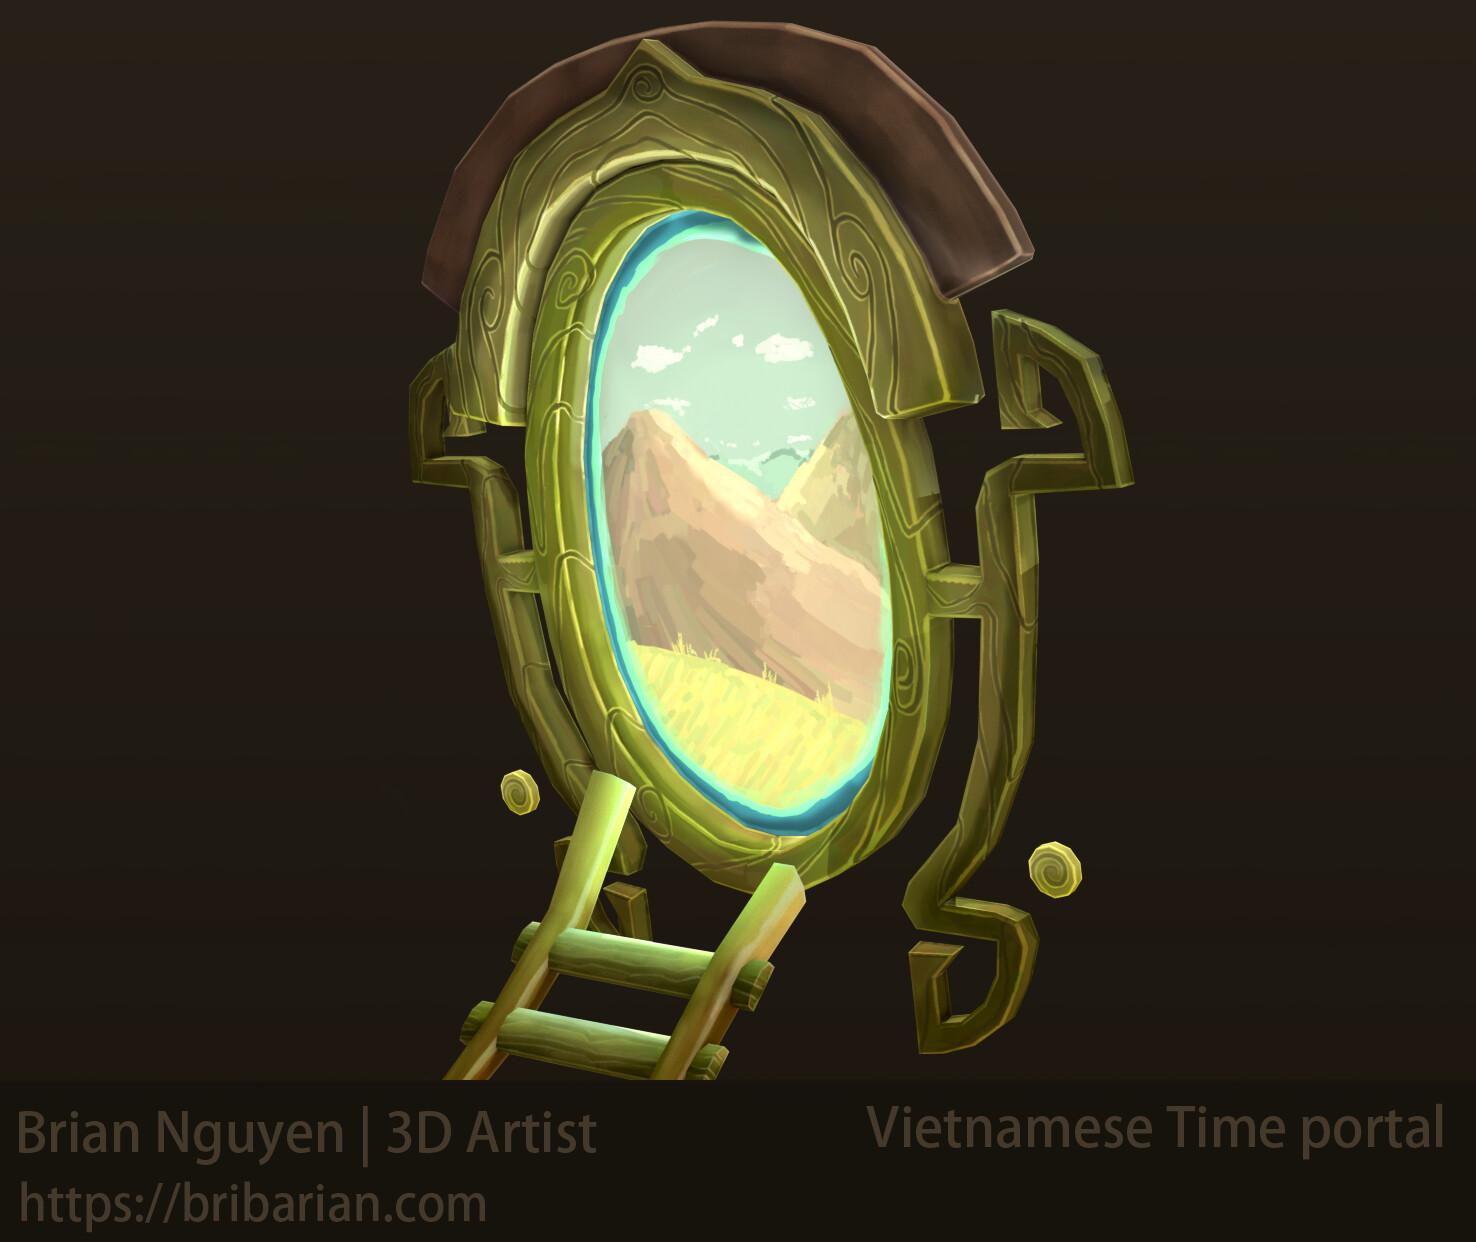 Vietnamese time portal